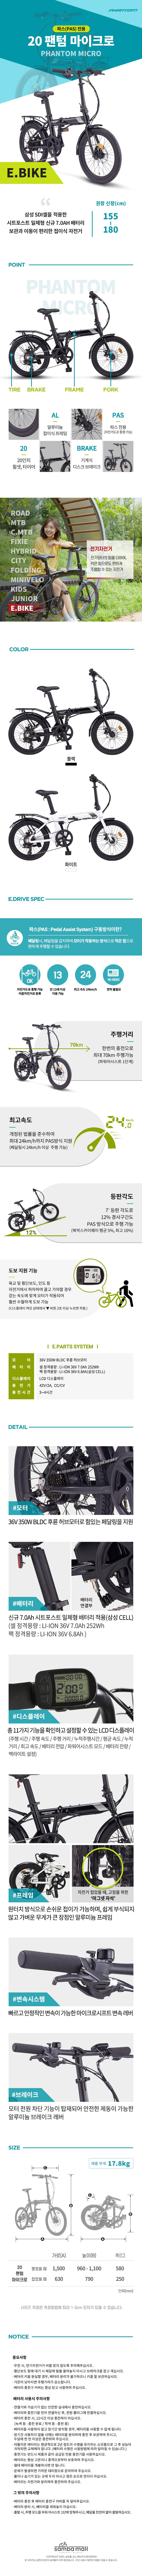 삼천리-팬텀마이크로-전기자전거